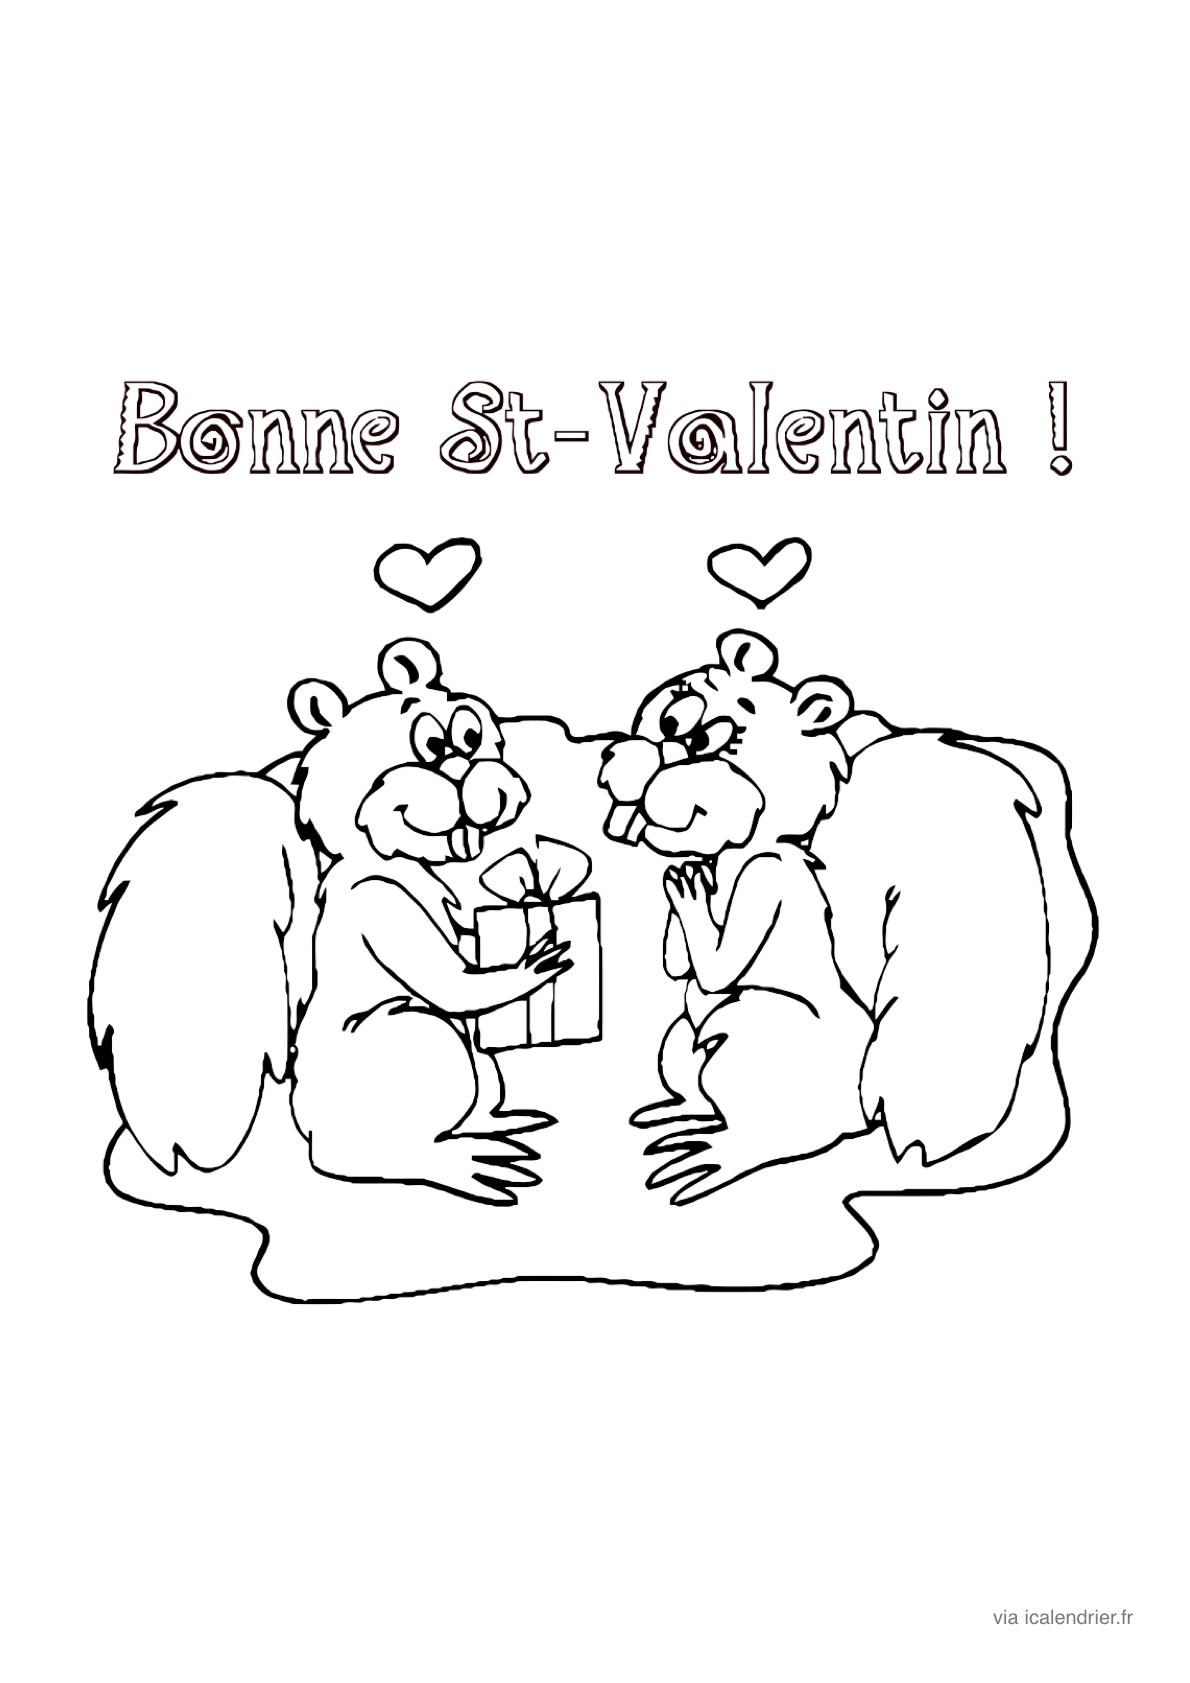 Saint-Valentin - Coloriage À Offrir - Icalendrier tout Dessin Pour La Saint Valentin